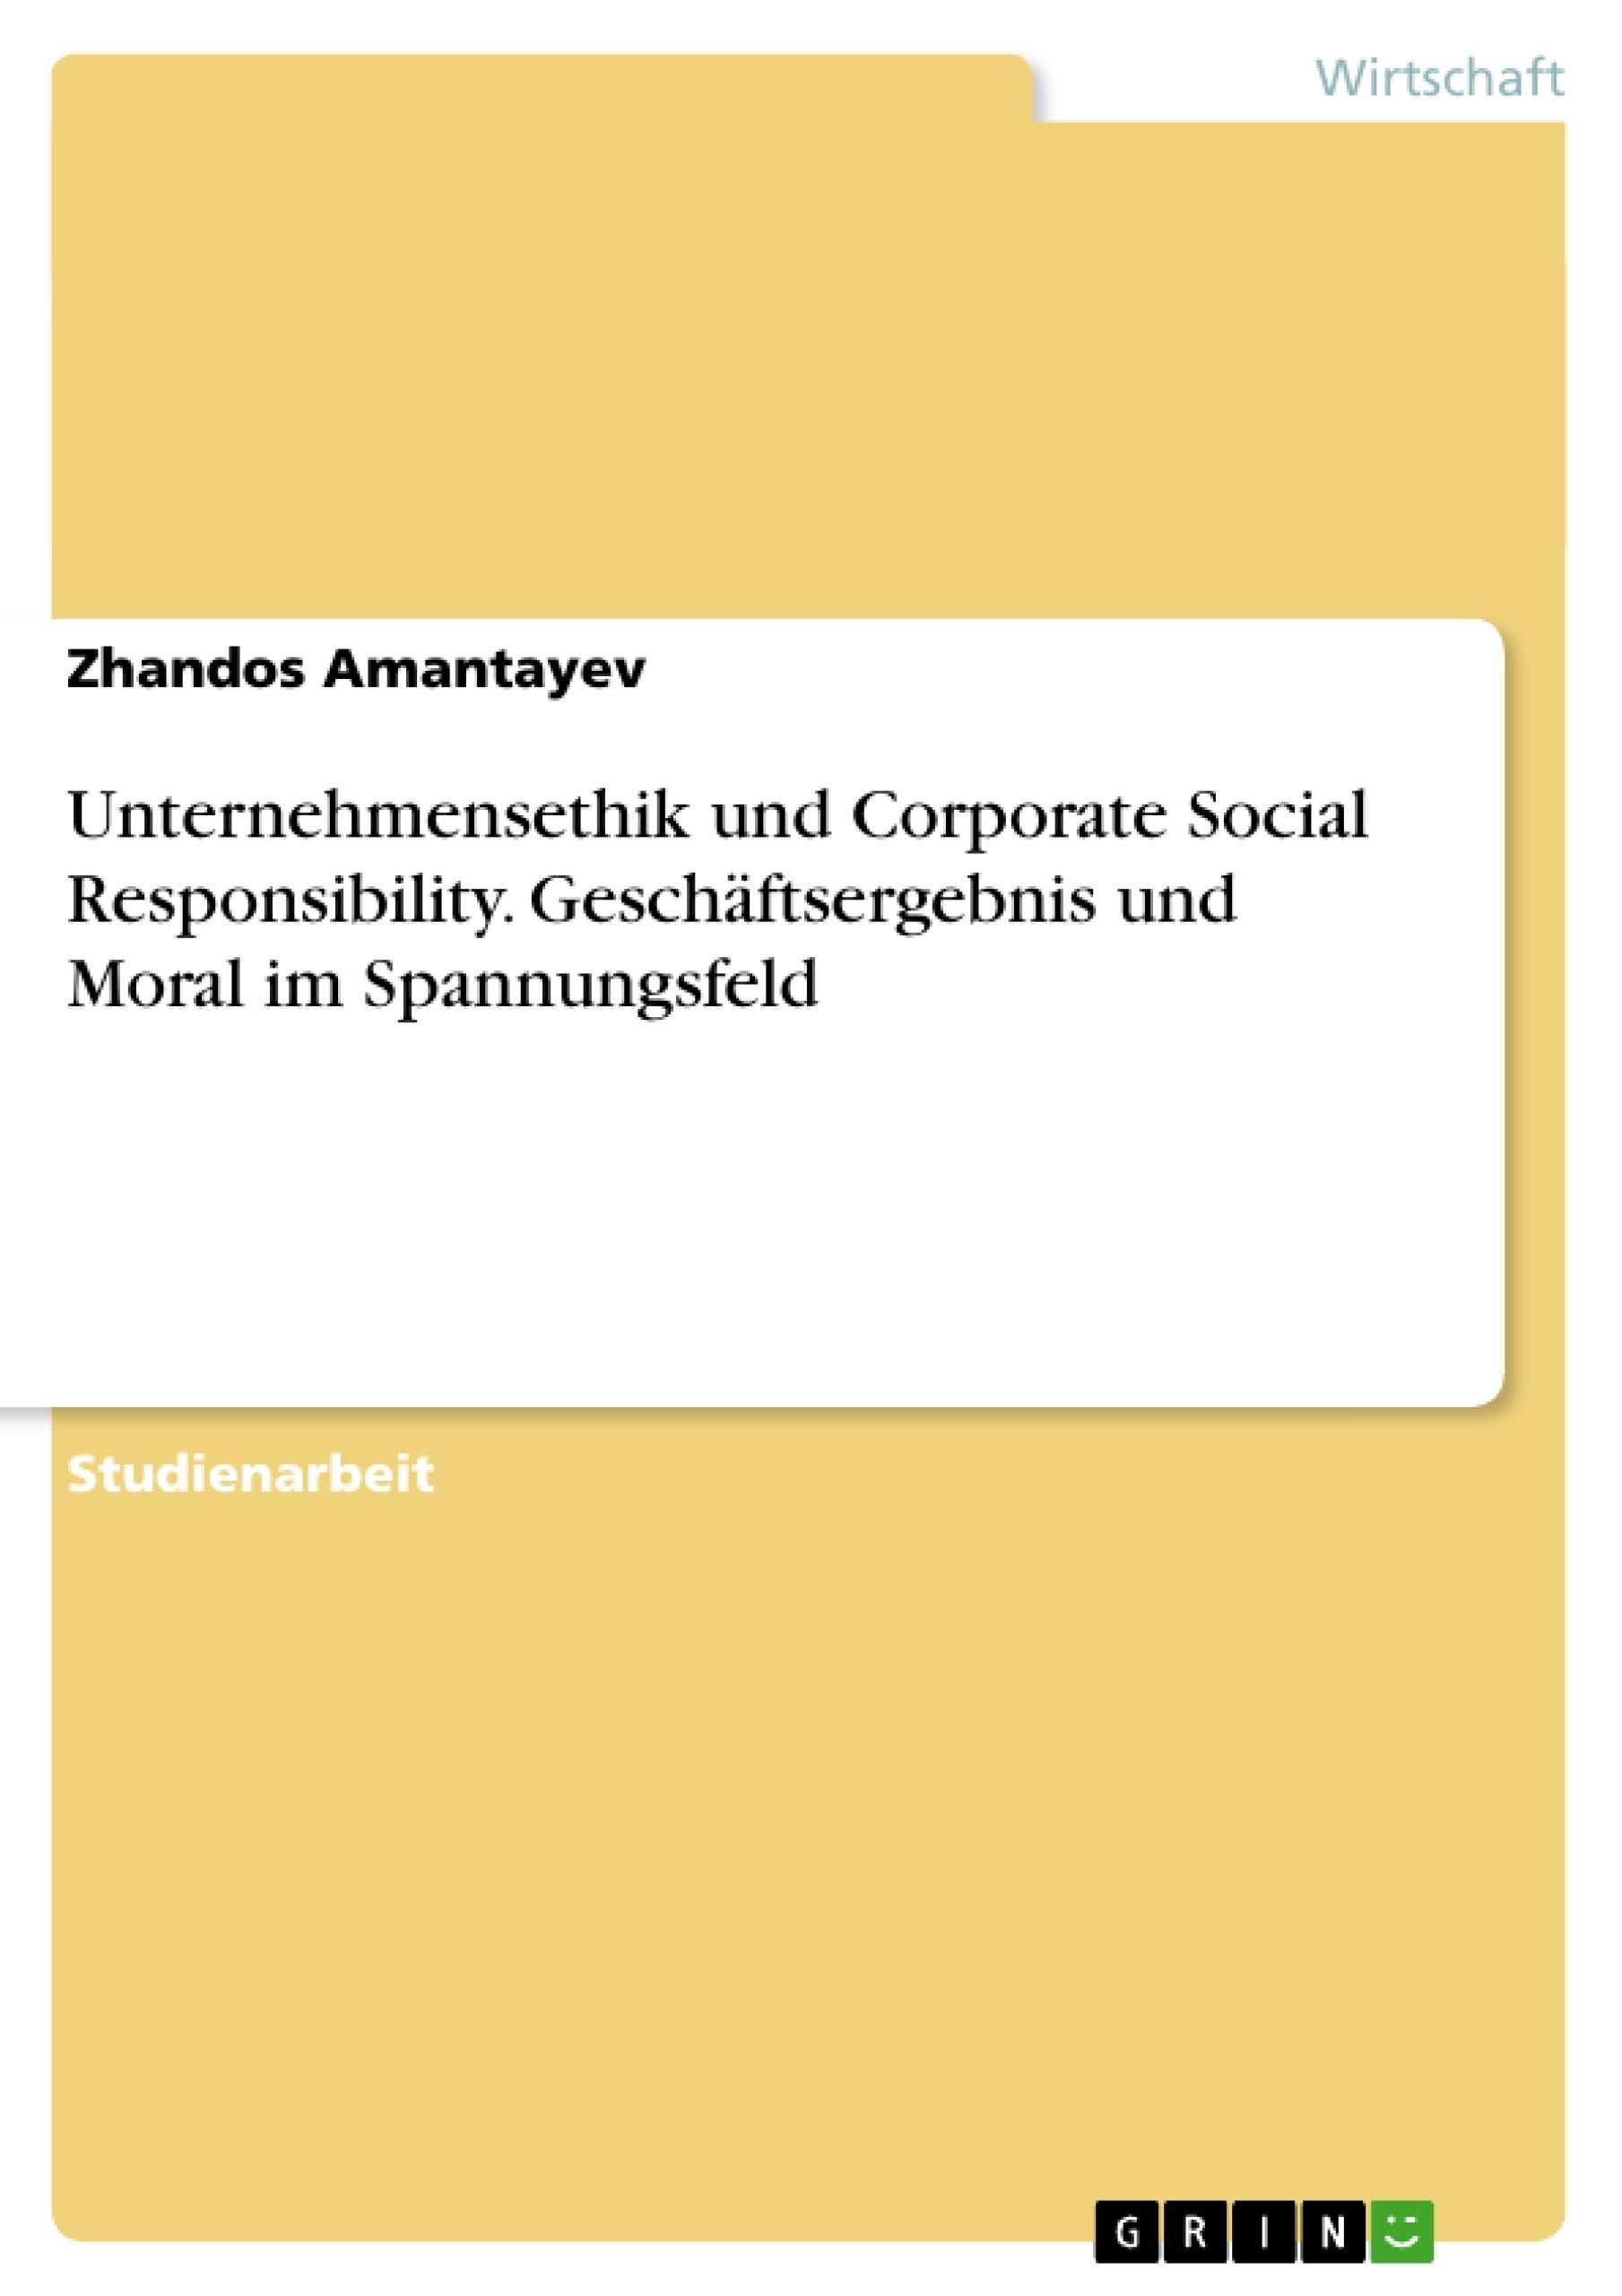 Titel: Unternehmensethik und Corporate Social Responsibility. Geschäftsergebnis und Moral im Spannungsfeld